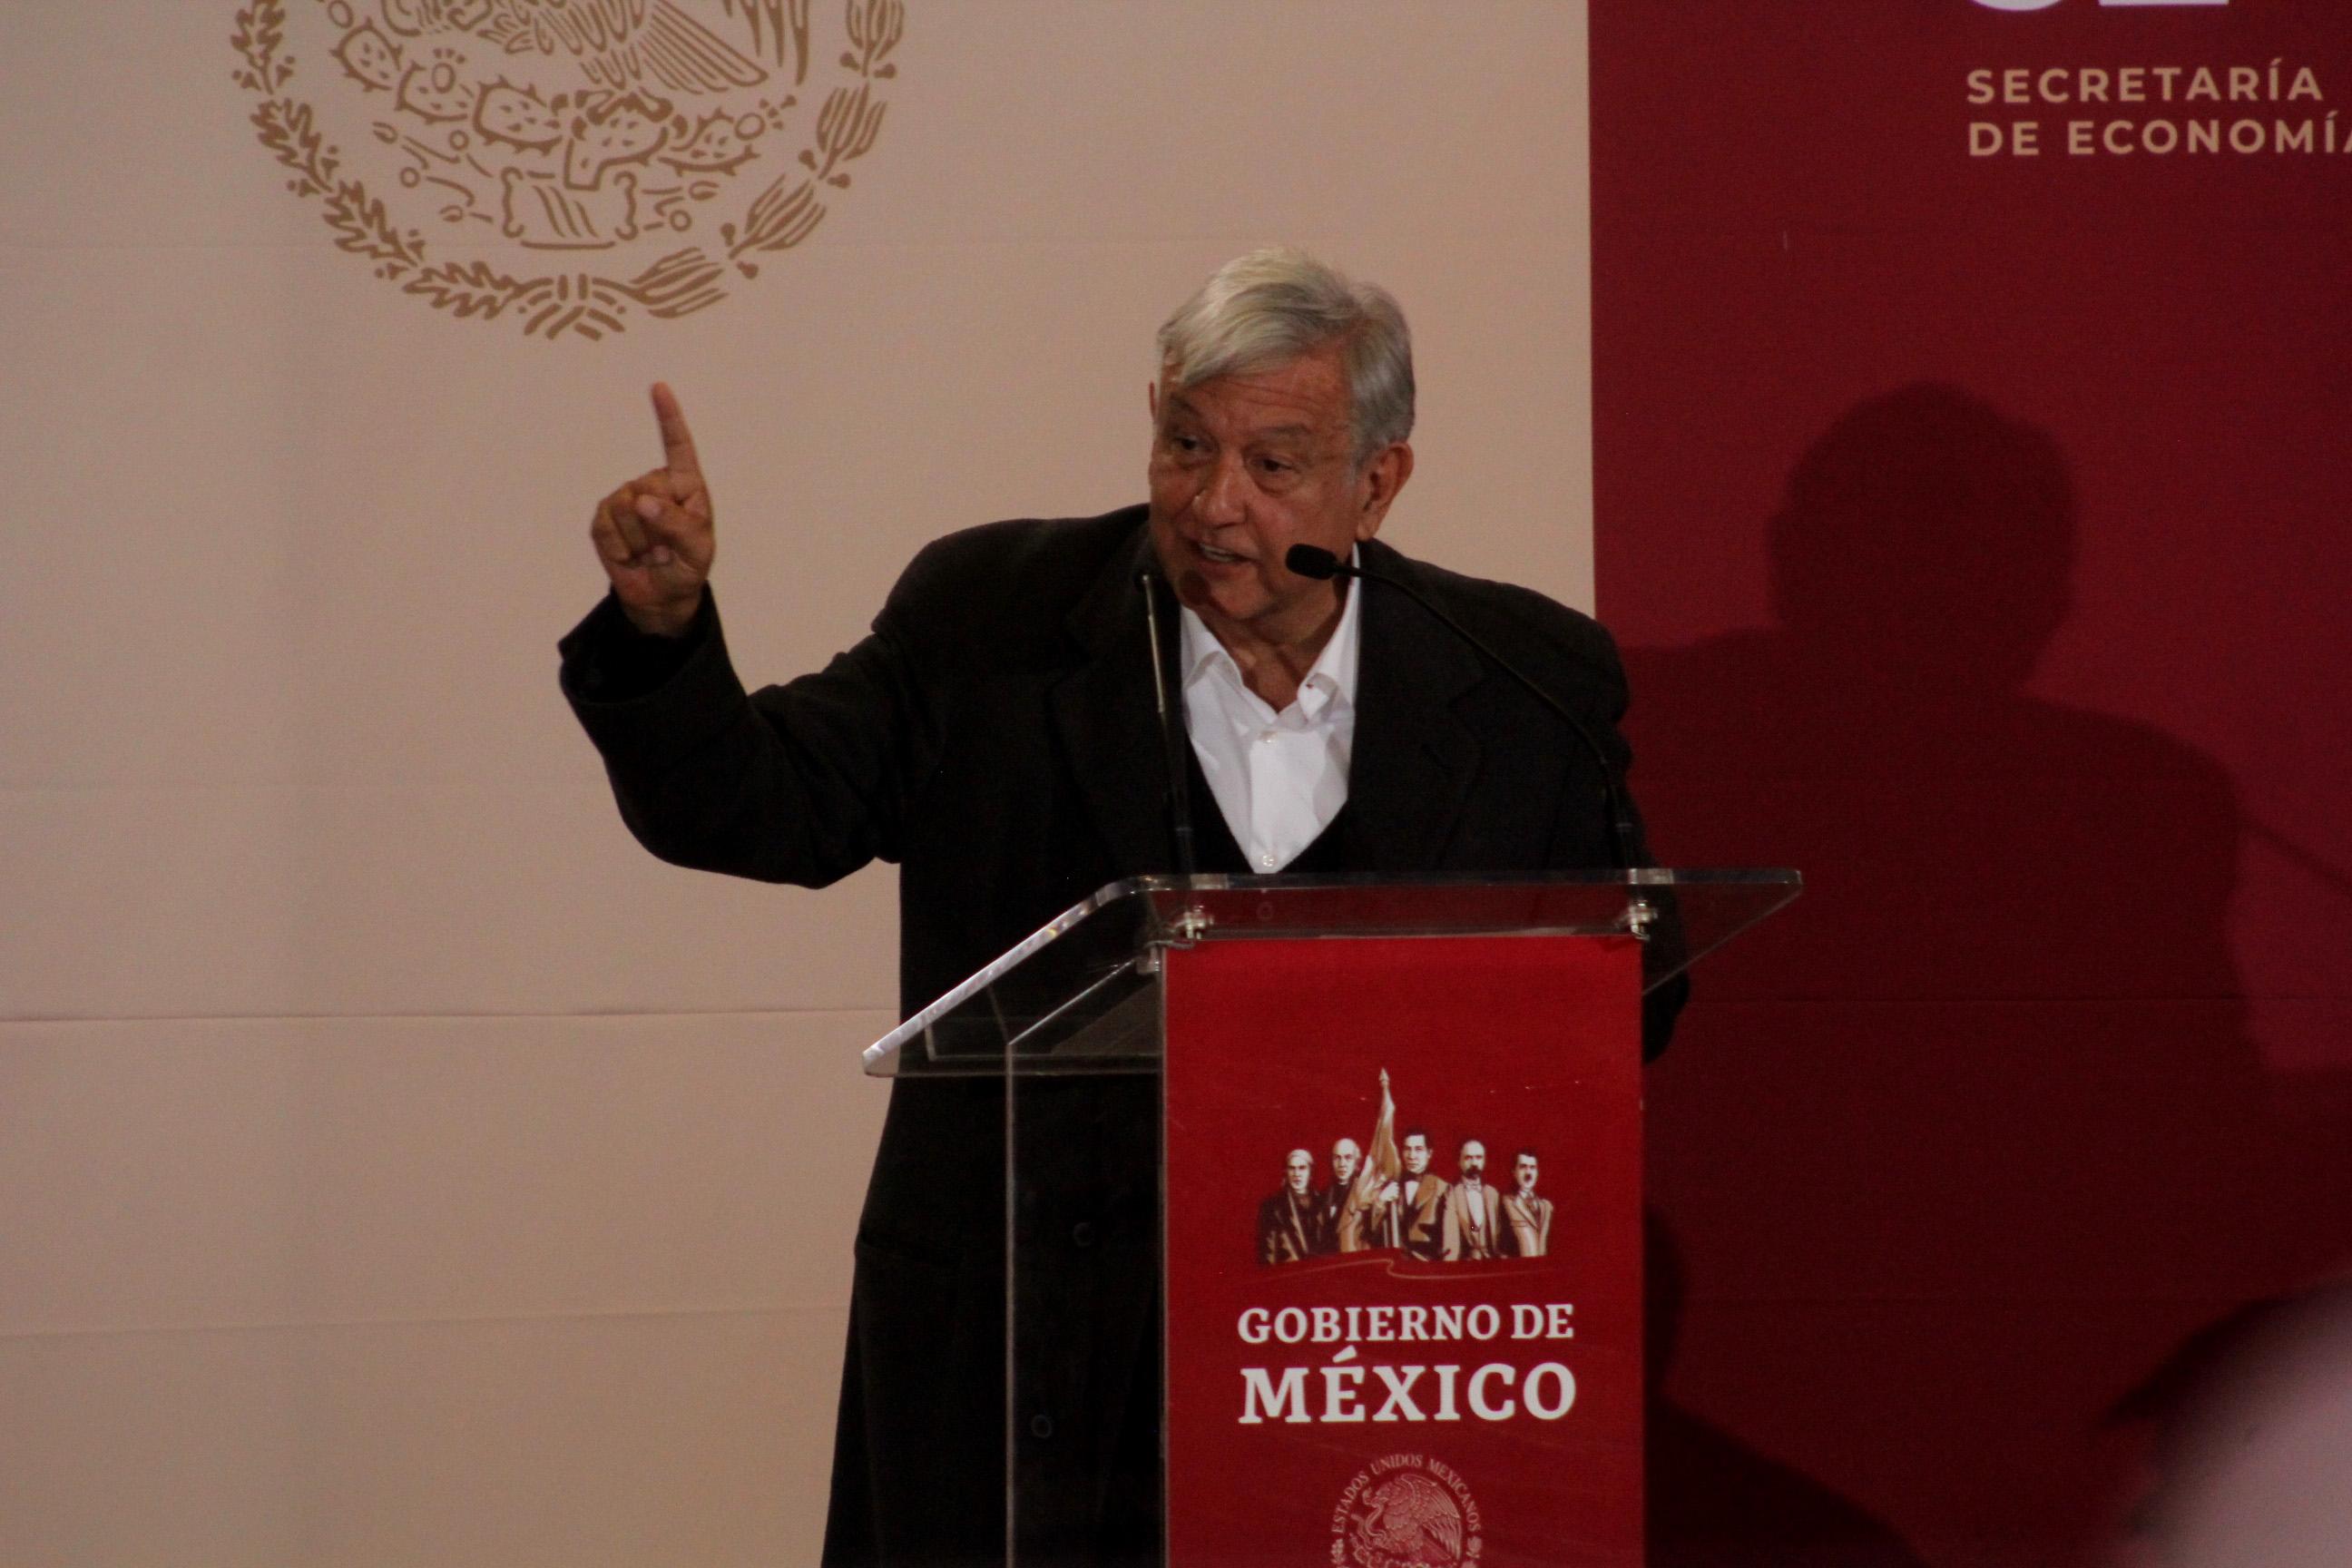 El presidente Andrés Manuel López Obrador hizo el anunció del desabasto de gasolina(FOTO: NACHO RUÍZ /CUARTOSCURO.COM)